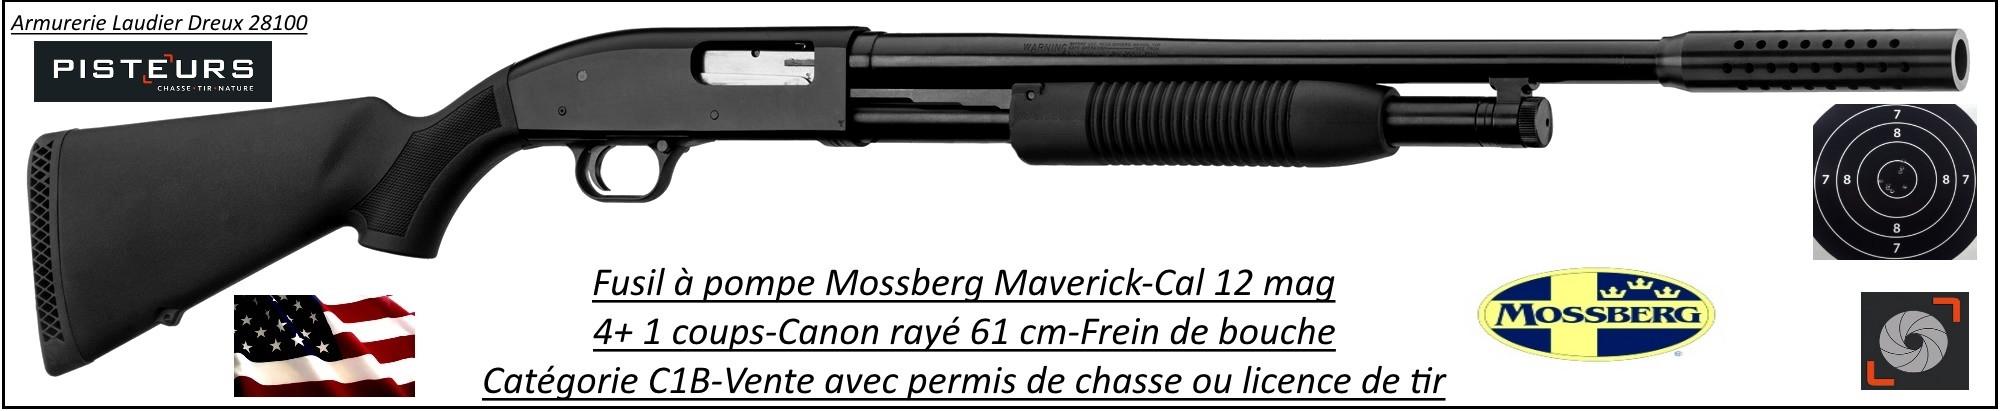 Fusil pompe Mossberg Maverick 88 Tactical Calibre12 Magnum Canon rayé 61 cm Promotion-Ref 35680-28805- MV 701